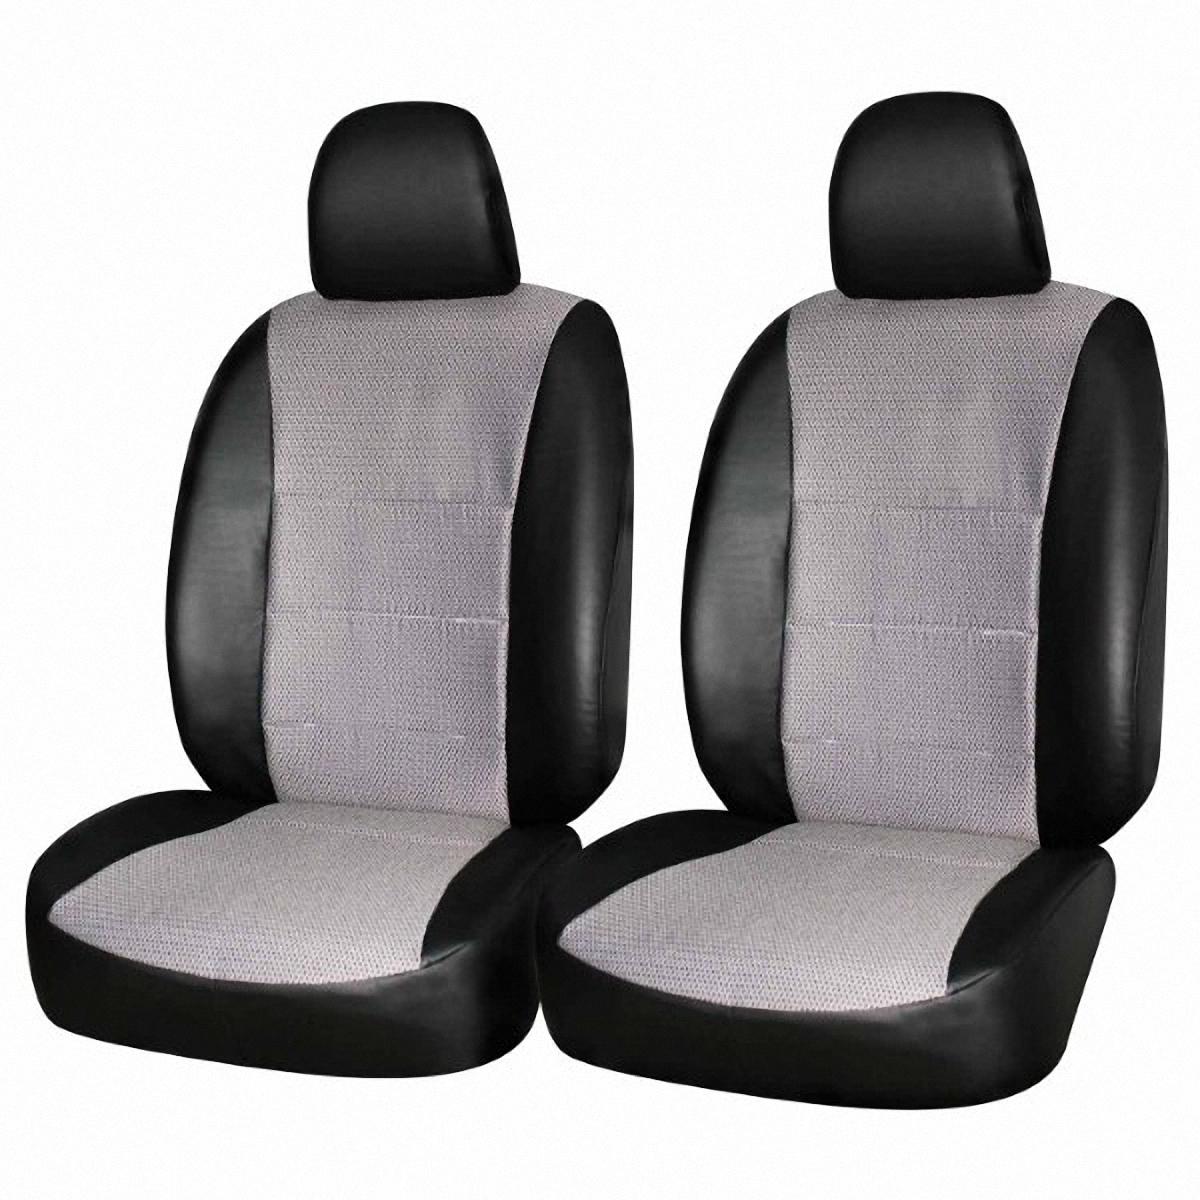 Чехол на сиденье Skyway Toyota Corolla (седан). Ty1-2K чехол на сиденье skyway toyota corolla седан ty2 2